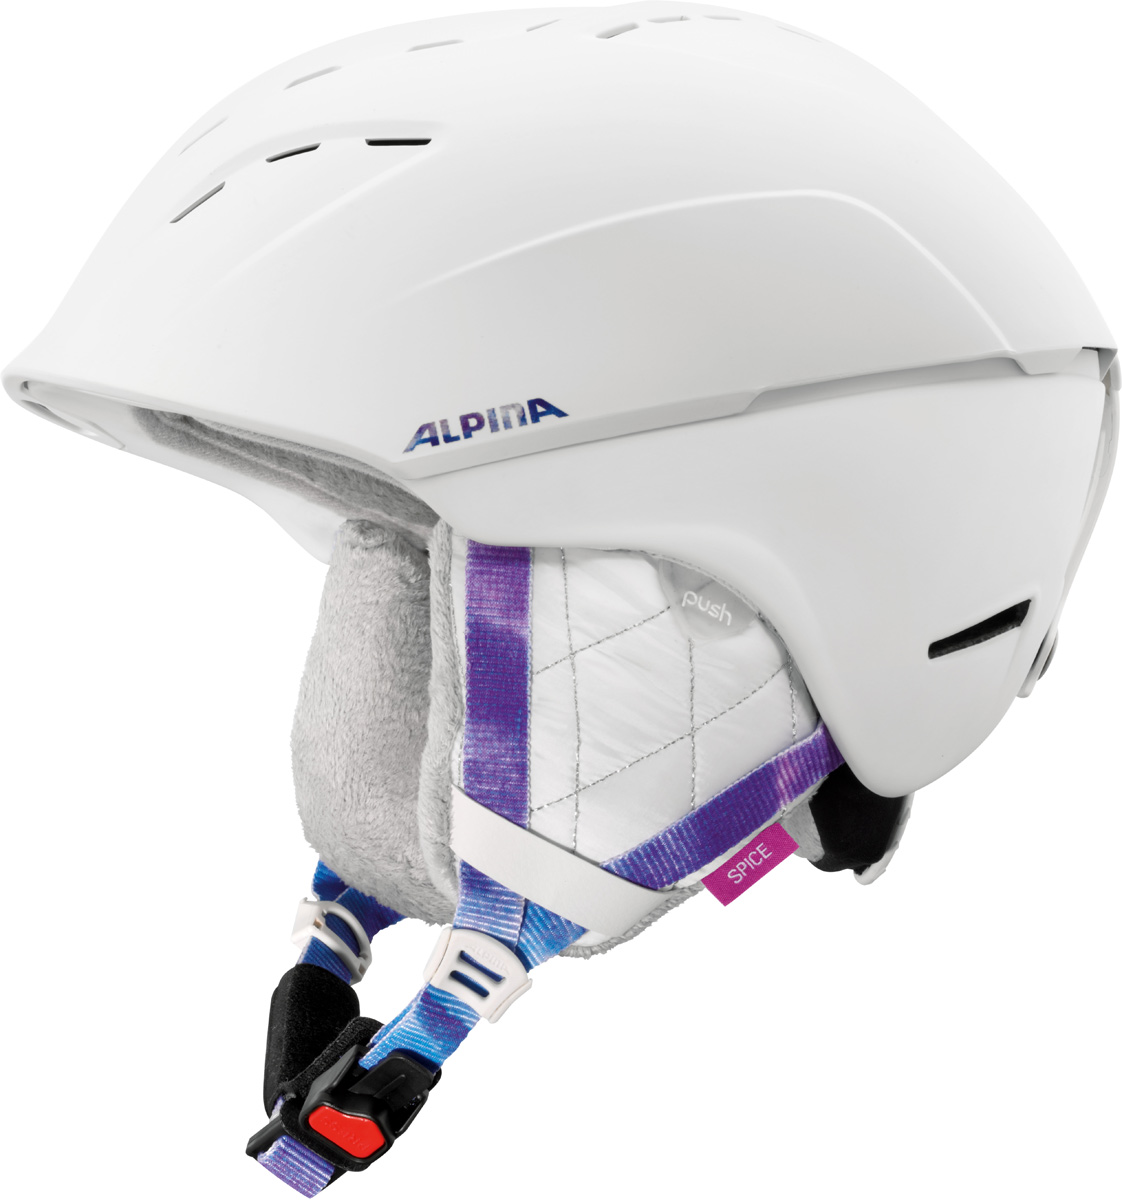 Шлем горнолыжный Alpina Spice, цвет: белый. A9067_14. Размер 52-56A9067_14Благодаря применяемым технологиям, этот шлем исключительно удобен при ношении и имеет отличную вентиляцию. Размеры: 52-61 см. Технологии:Hybrid - Нижняя часть шлема состоит из легкого Inmold, что обеспечивает хорошую амортизацию. Верхняя часть - супер-прочный Hardshell.EDGE PROTECT – усиленная нижняя часть шлема, выполненная по технологии Inmold. Дополнительная защита при боковых ударах. RUN SYSTEM – простая система настройки шлема, позволяющая добиться надежной фиксации.AIRSTREAM CONTROL – регулируемые воздушные клапана для полного контроля внутренней вентиляции. REMOVABLE EARPADS - съемные амбушюры добавляют чувства свободы во время катания в теплую погоду, не в ущерб безопасности. При падении температуры, амбушюры легко устанавливаются обратно на шлем.CHANGEABLE INTERIOR – съемная внутренняя часть. Допускается стирка в теплой мыльной воде.NECKWARMER – дополнительное утепление шеи. Изготовлено из мягкого флиса.3D FIT – ремень, позволяющий регулироваться затылочную часть шлема. Пять позиций позволят настроить идеальную посадку.